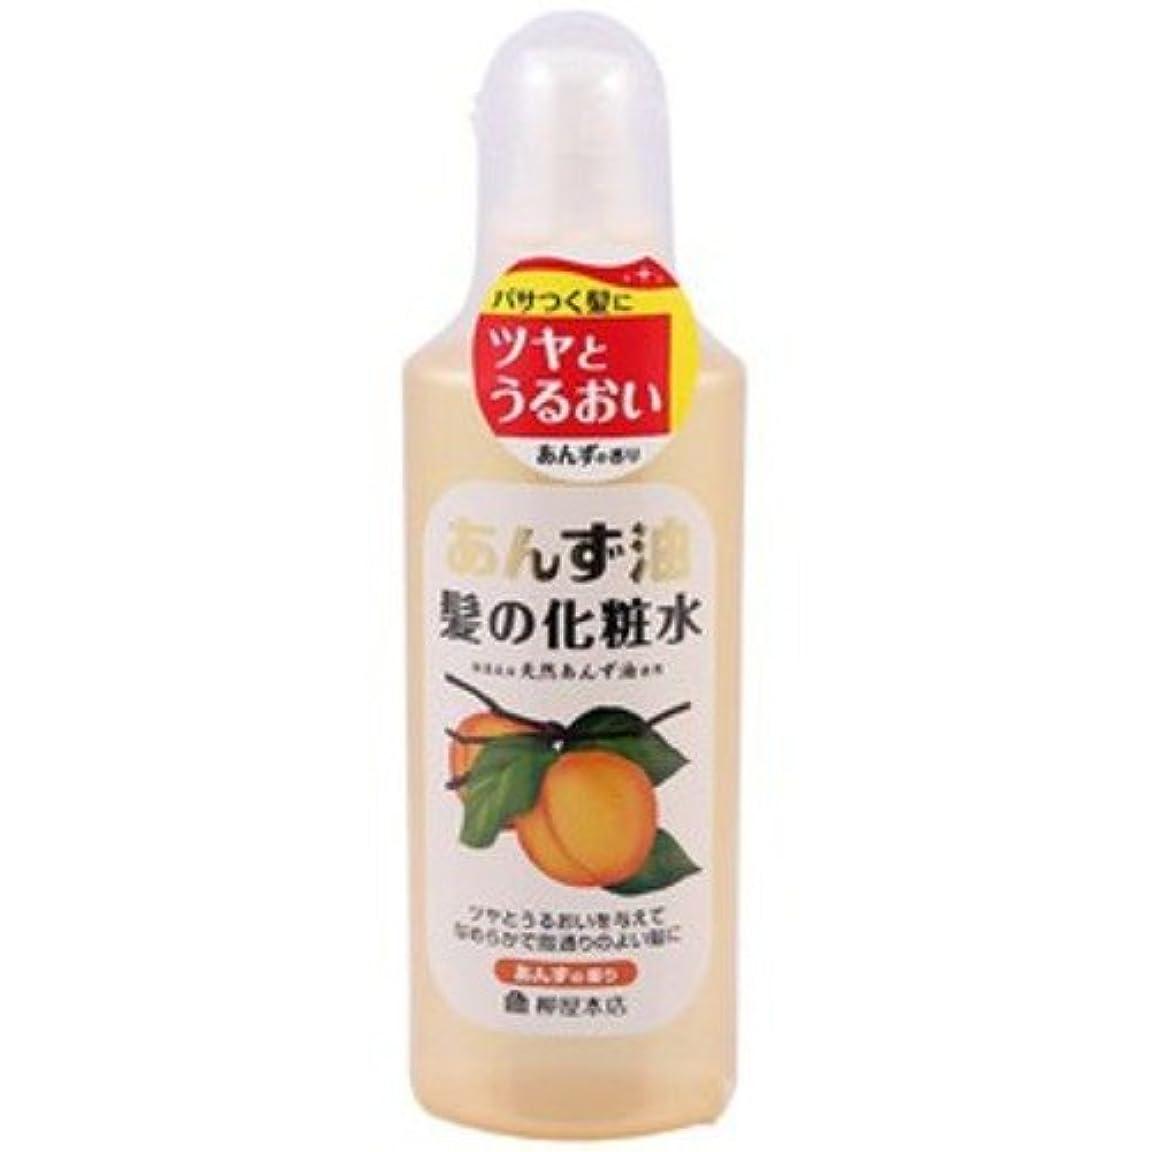 お手伝いさんクラブ小さな柳屋 あんず油 髪の化粧水 170ml